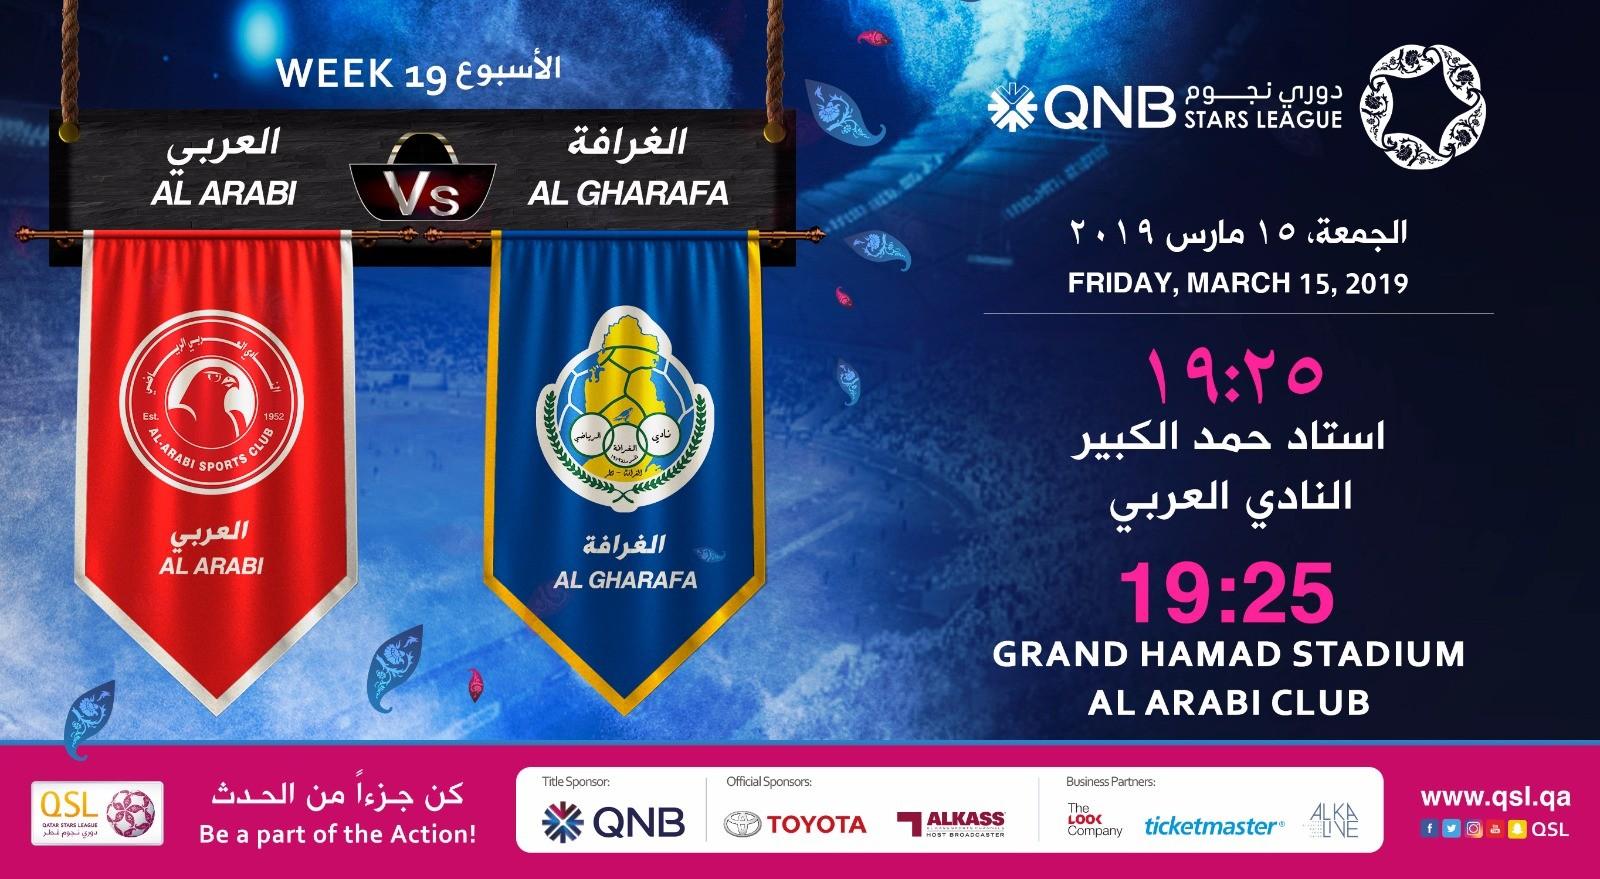 QNB Stars League Week 19 — Al Arabi vs Al Gharafa